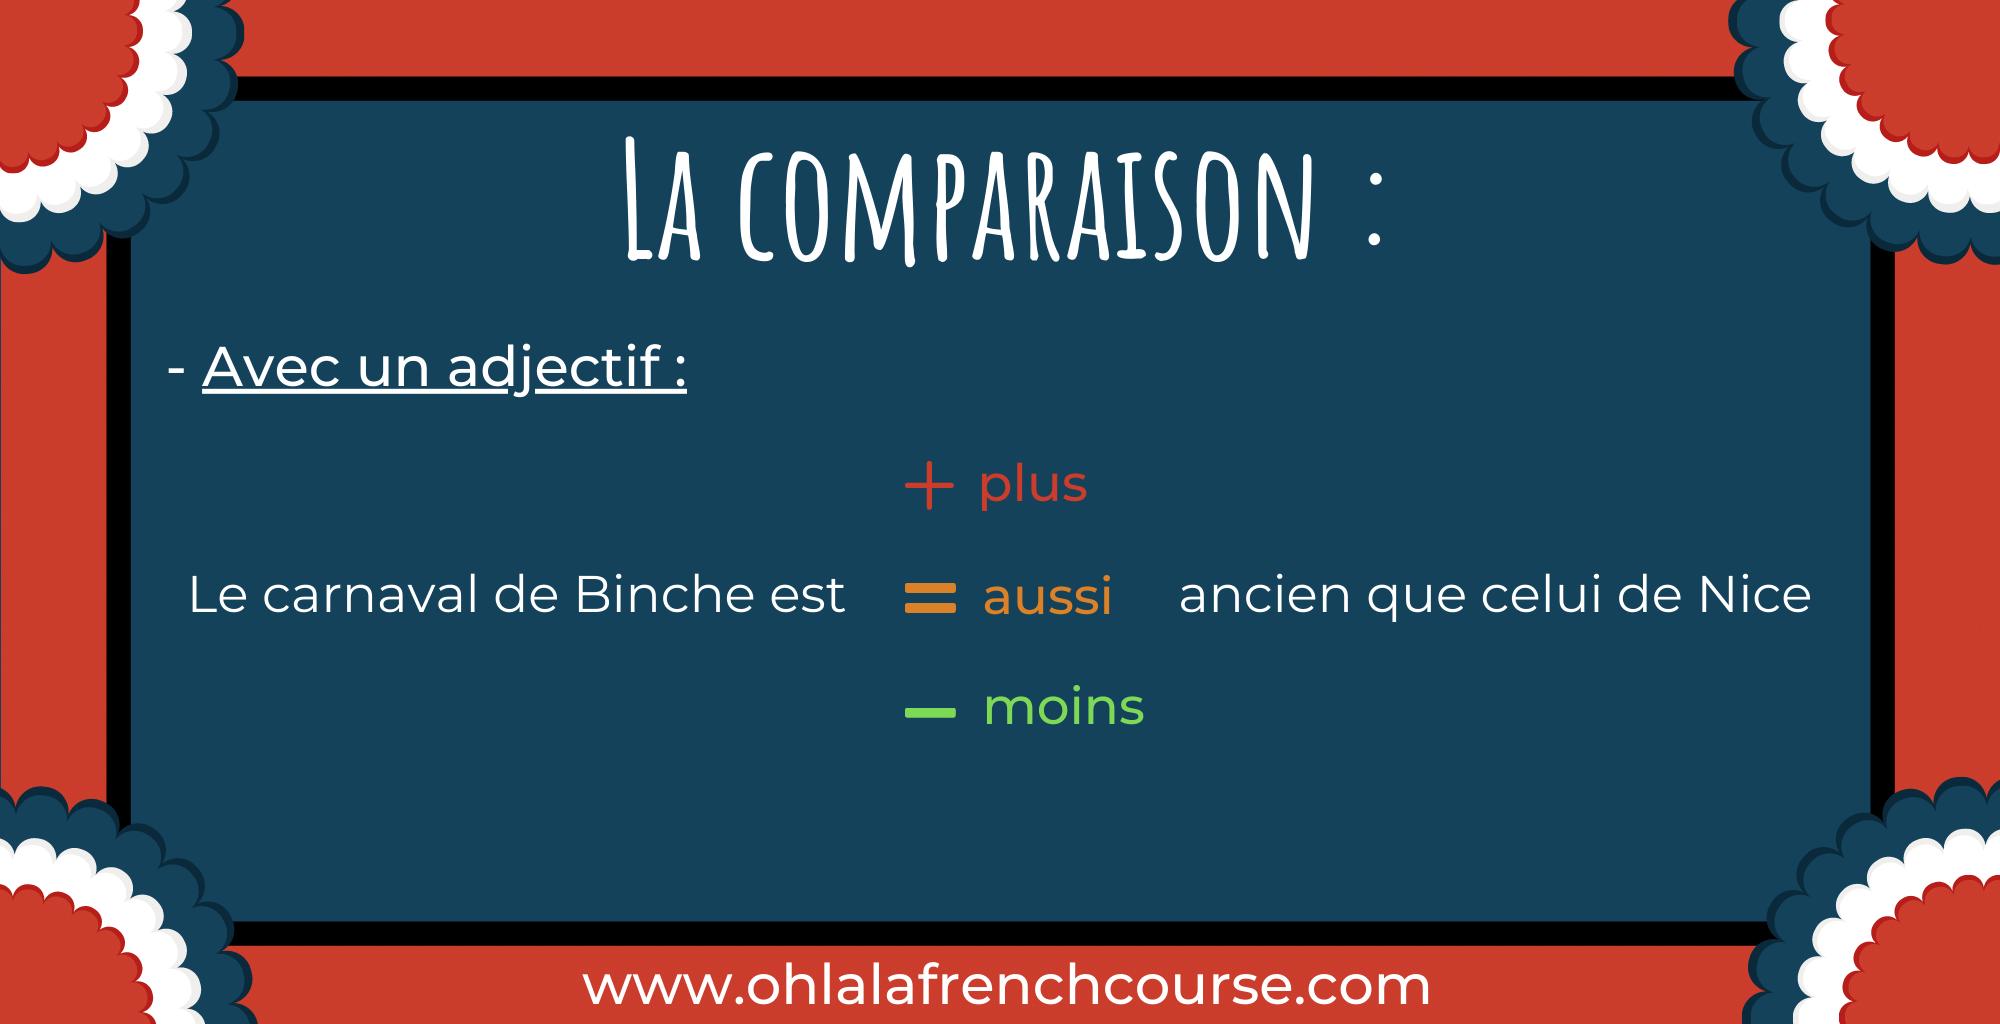 Le comparatif - La comparaison avec un adjectif